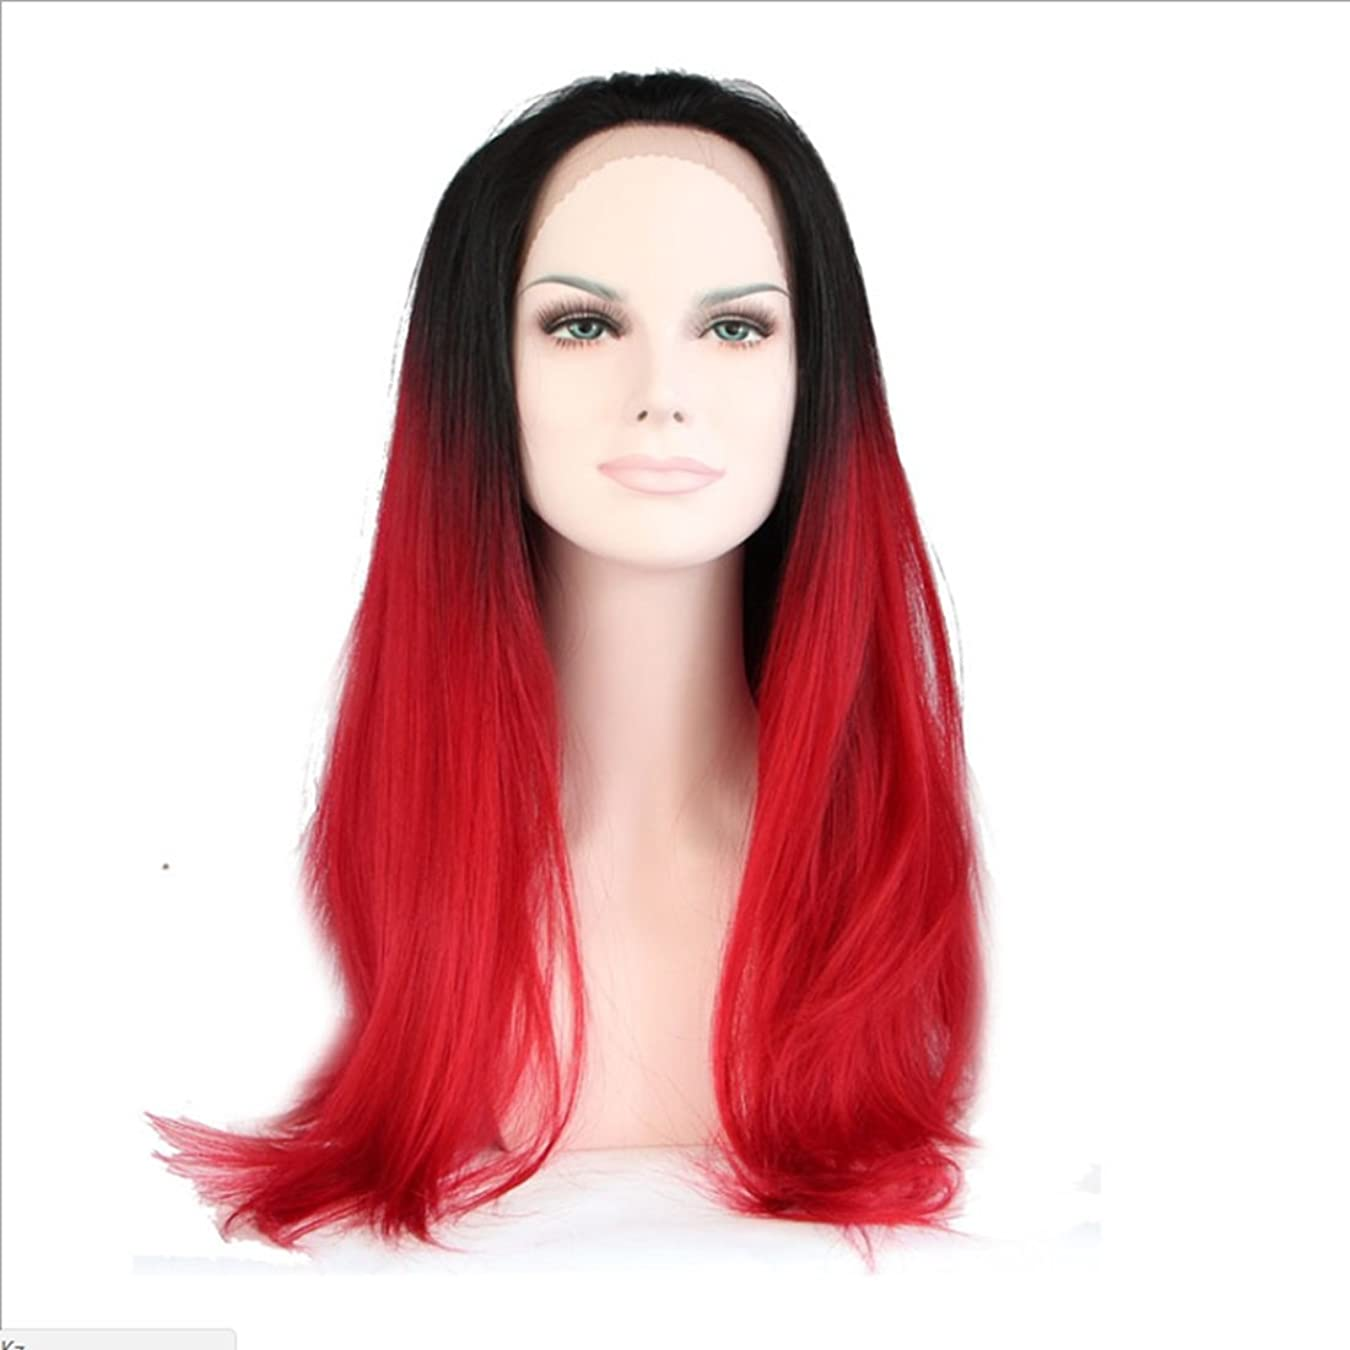 感動する徐々に人類BOBIDYEE 女性のための高温シルク合成かつらレース前部長い前髪付きストレートヘアレースヘアー耐熱かつら(シルバーホワイトグラデーションブラック、ブラックグラデーションビッグレッド)ロールプレイングウィッグ (色 : Black gradient big red)